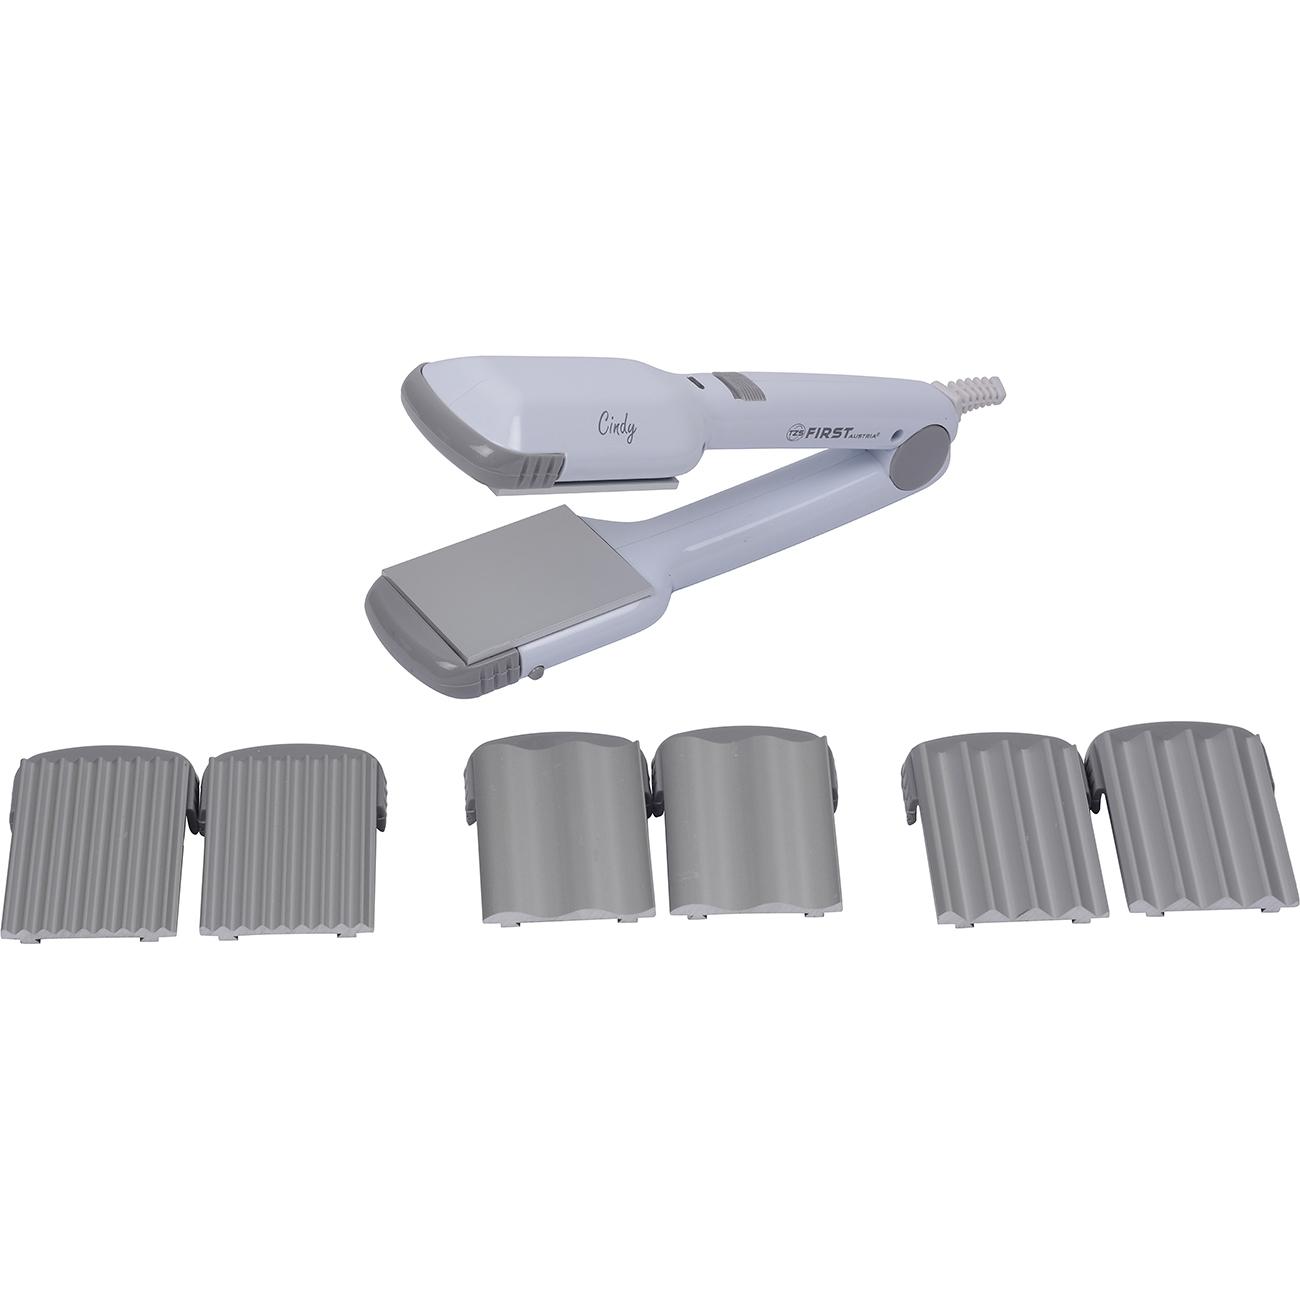 Выпрямитель волос FIRST AUSTRIA FA-5670-1-GR, 25 Вт., 4 вида пластин, световой индикатор, белый/серый цена и фото